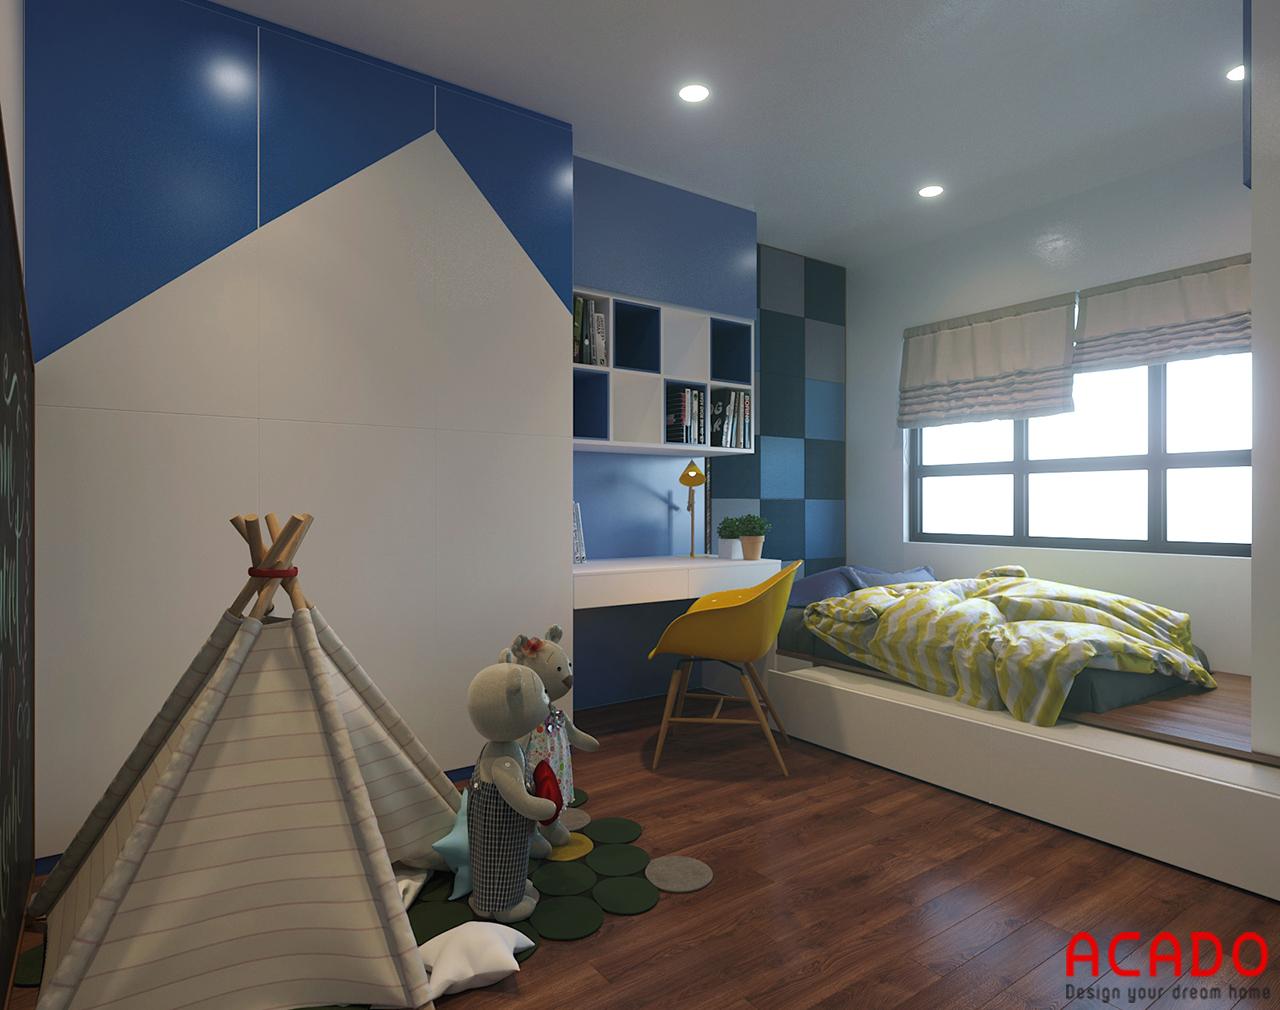 Với các gam màu tươi sáng và nổi bật để tạo hứng thú và yêu thích cho bé mỗi khi vào phòng